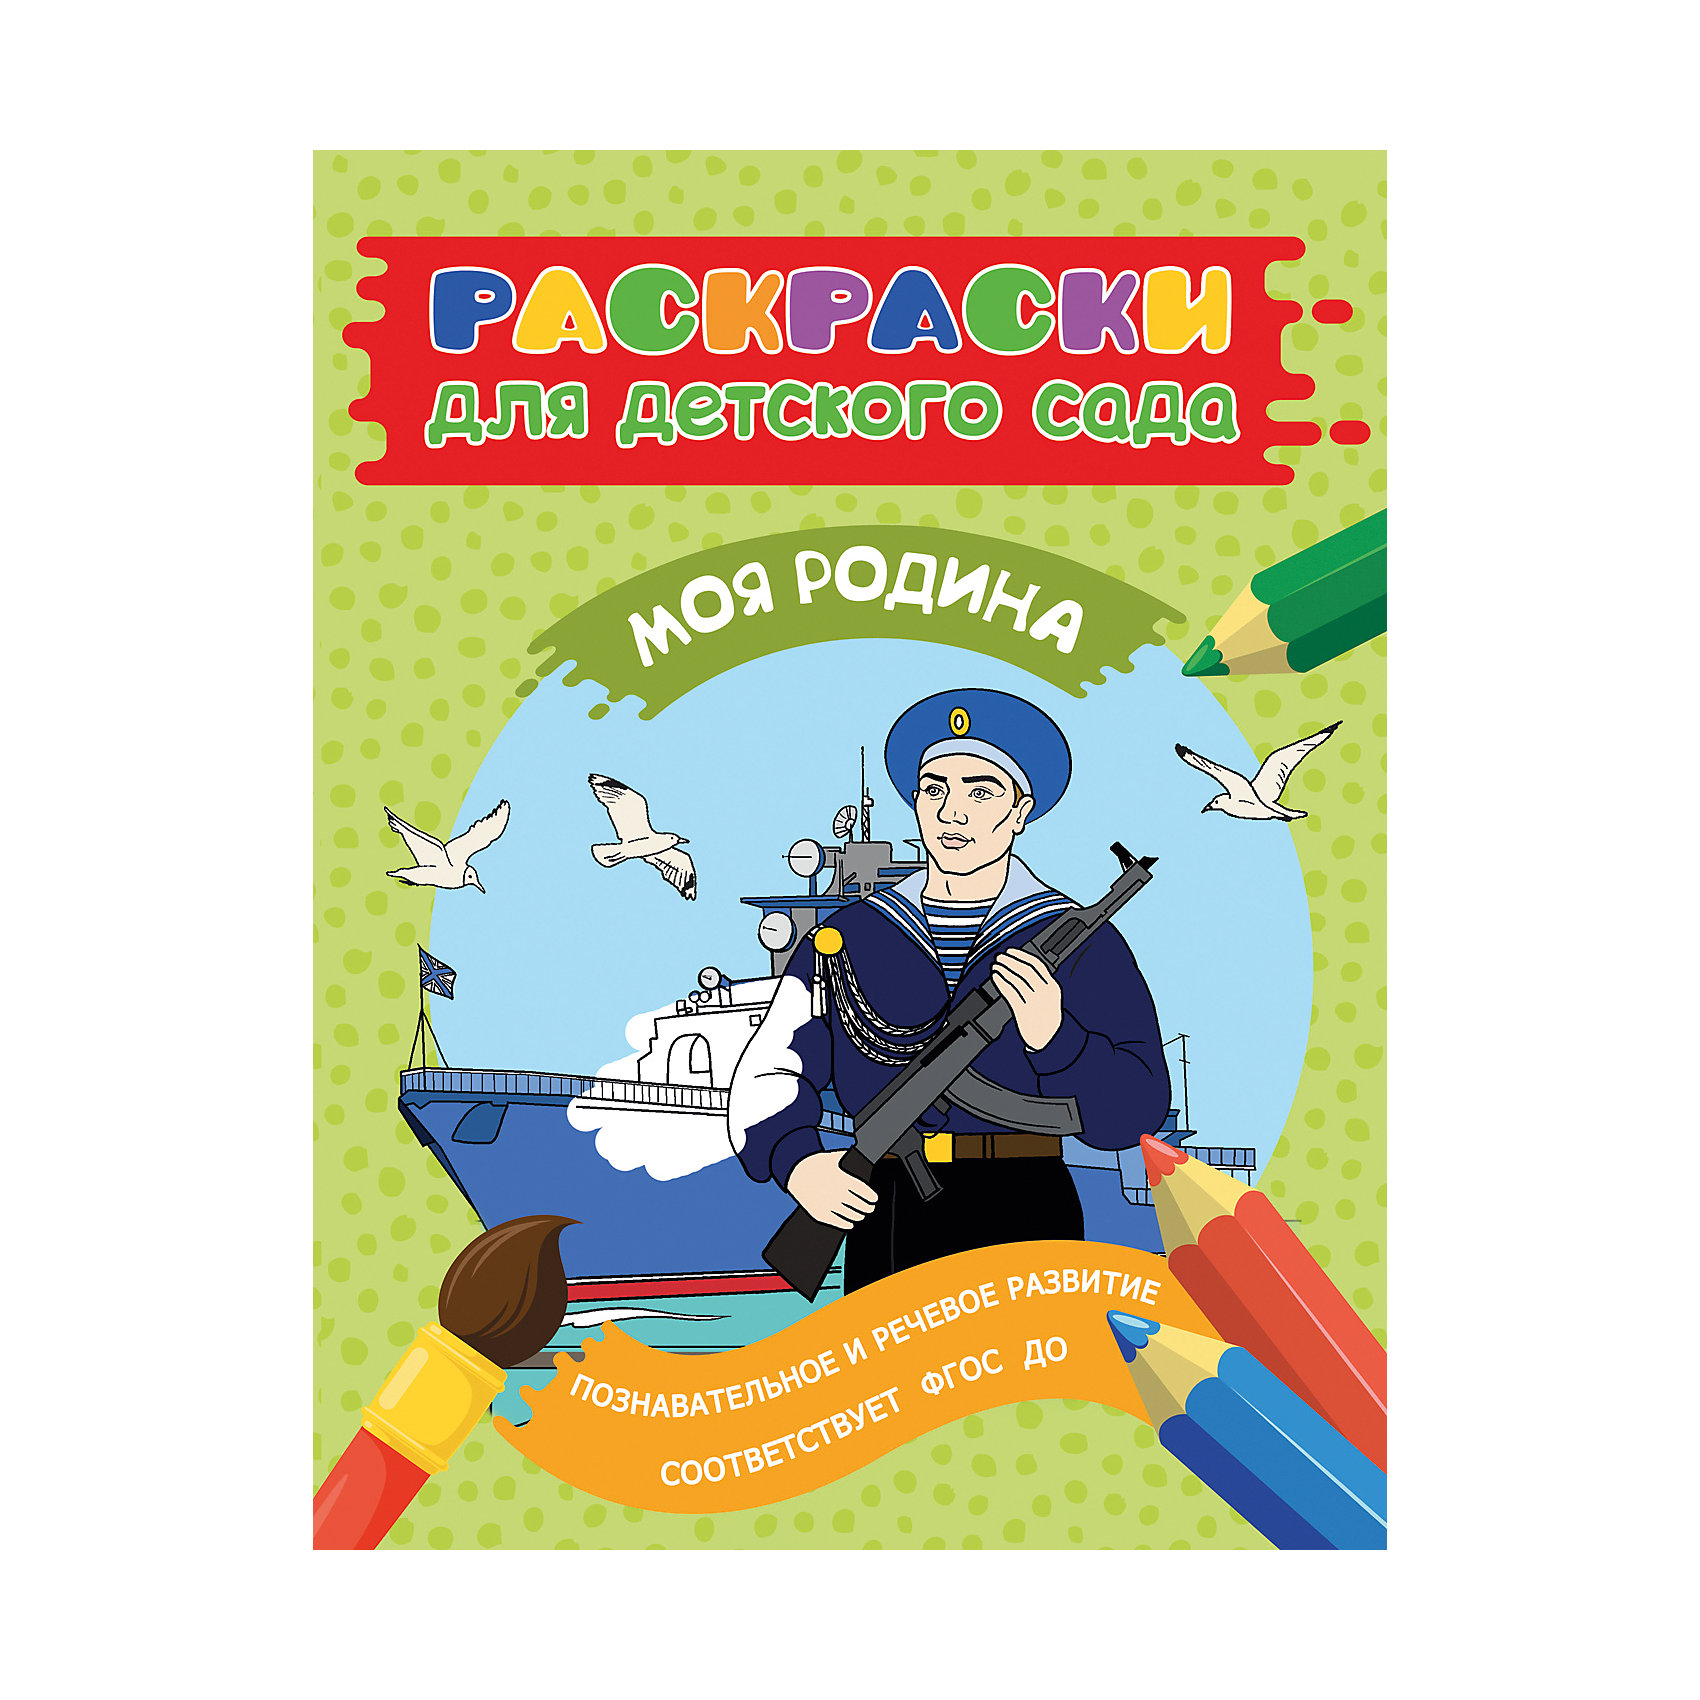 Раскраска Моя РодинаРаскраски для детей<br>Характеристики:<br>• количество страниц: 24;<br>• иллюстрации: черно-белые;<br>• переплёт: мягкий;<br>• формат: 27,4х21,2 см;<br>• ISBN: 9785353080657.<br><br>В раскраске «Моя Родина» каждый малыш найдет для себя занятие по душе. Каждая страничка содержит раскраску и интересные вопросы. <br><br>Занимаясь по книге, ребенок сможет закрепить знания о Родине. <br><br>Издание поможет расширить кругозор и развить речевые навыки.<br><br>Раскраска подходит для детей любого возраста.<br><br>Раскраску Моя Родина, Rosman (Росмэн) можно купить в нашем интернет-магазине.<br><br>Ширина мм: 274<br>Глубина мм: 212<br>Высота мм: 30<br>Вес г: 130<br>Возраст от месяцев: -2147483648<br>Возраст до месяцев: 2147483647<br>Пол: Унисекс<br>Возраст: Детский<br>SKU: 5453638